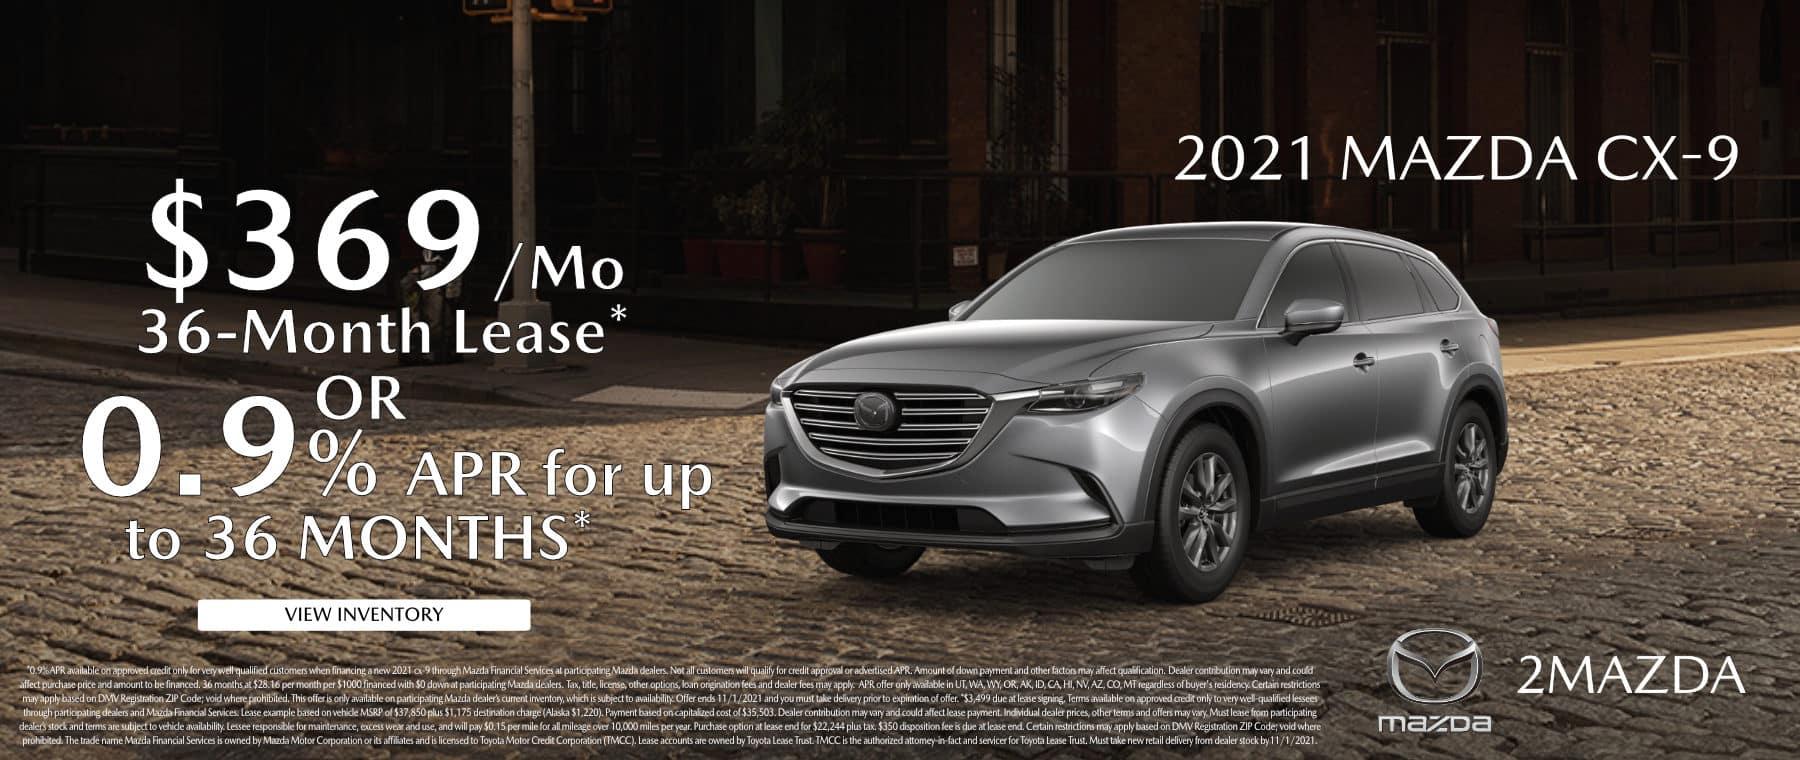 October_2021 Mazda CX-9 2Mazda